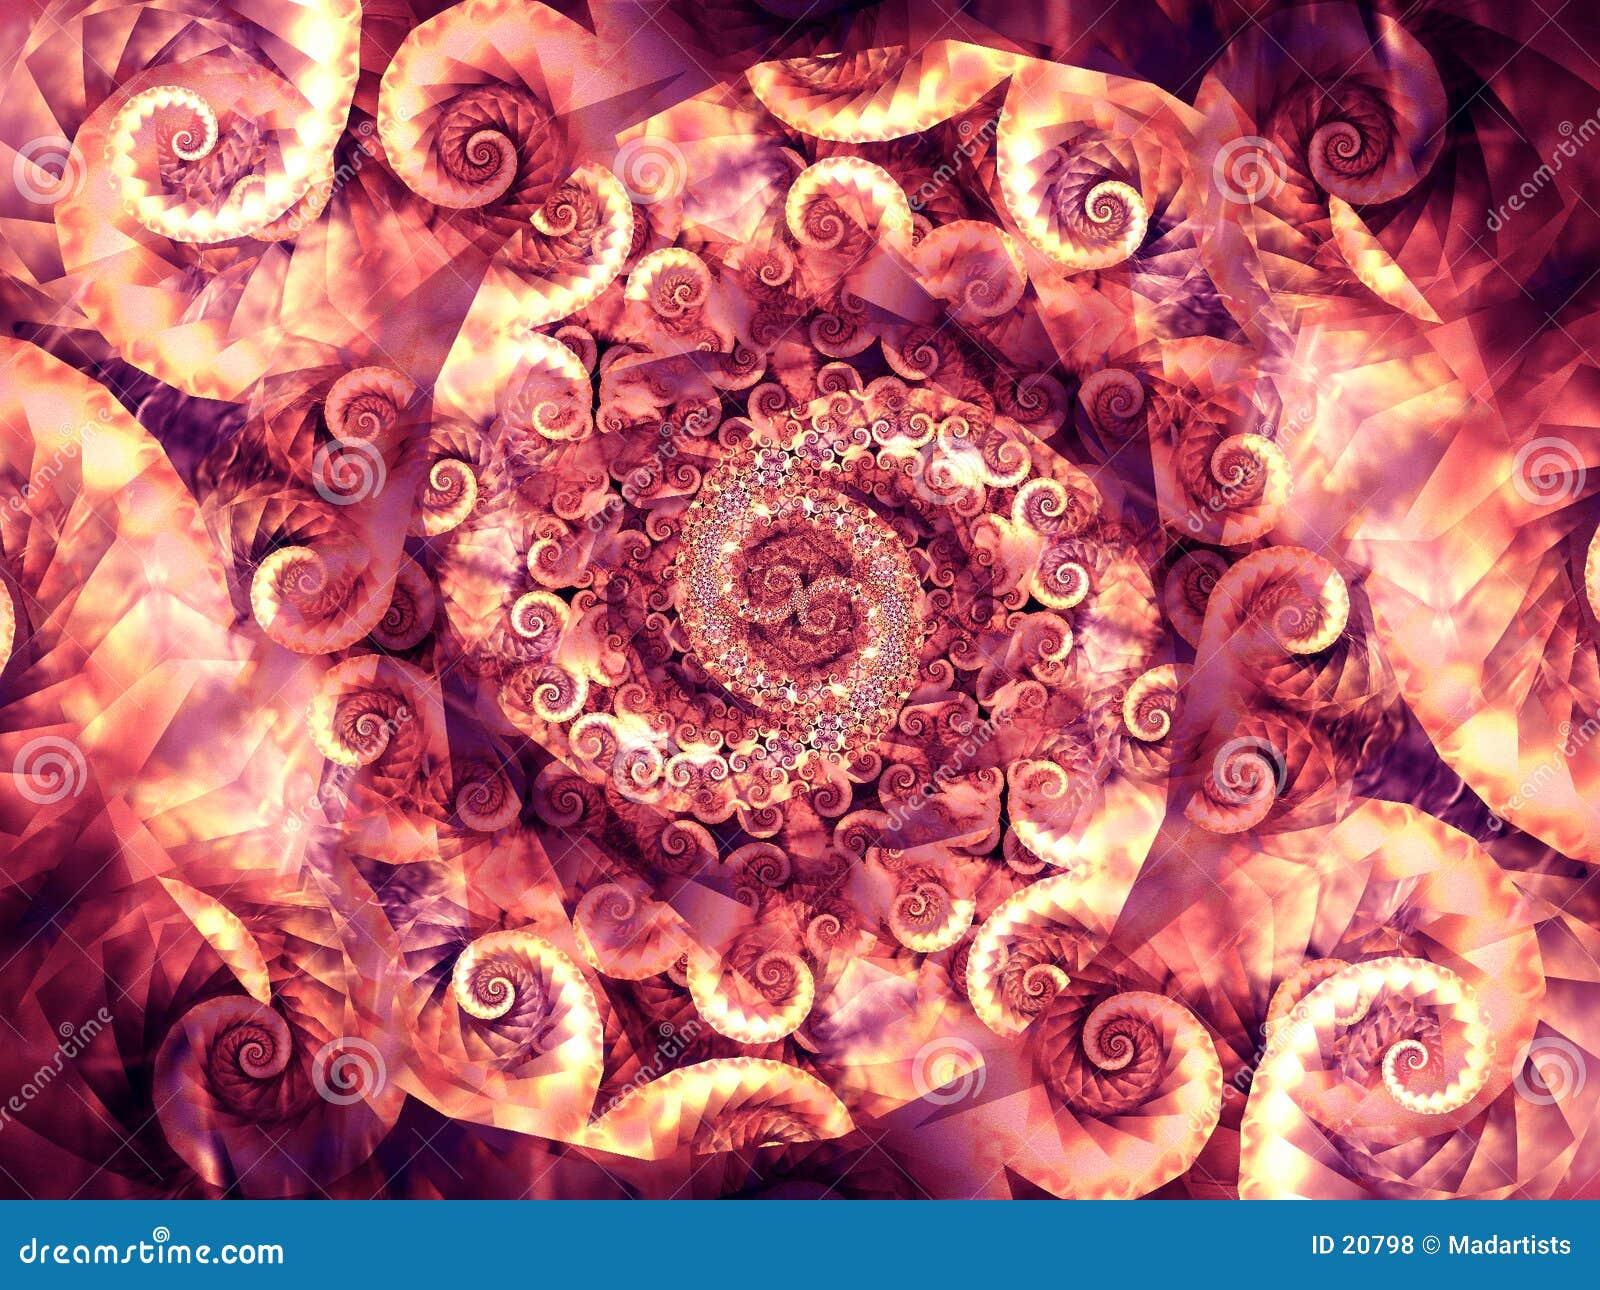 Kühle Spirale-Strudel-Beschaffenheiten